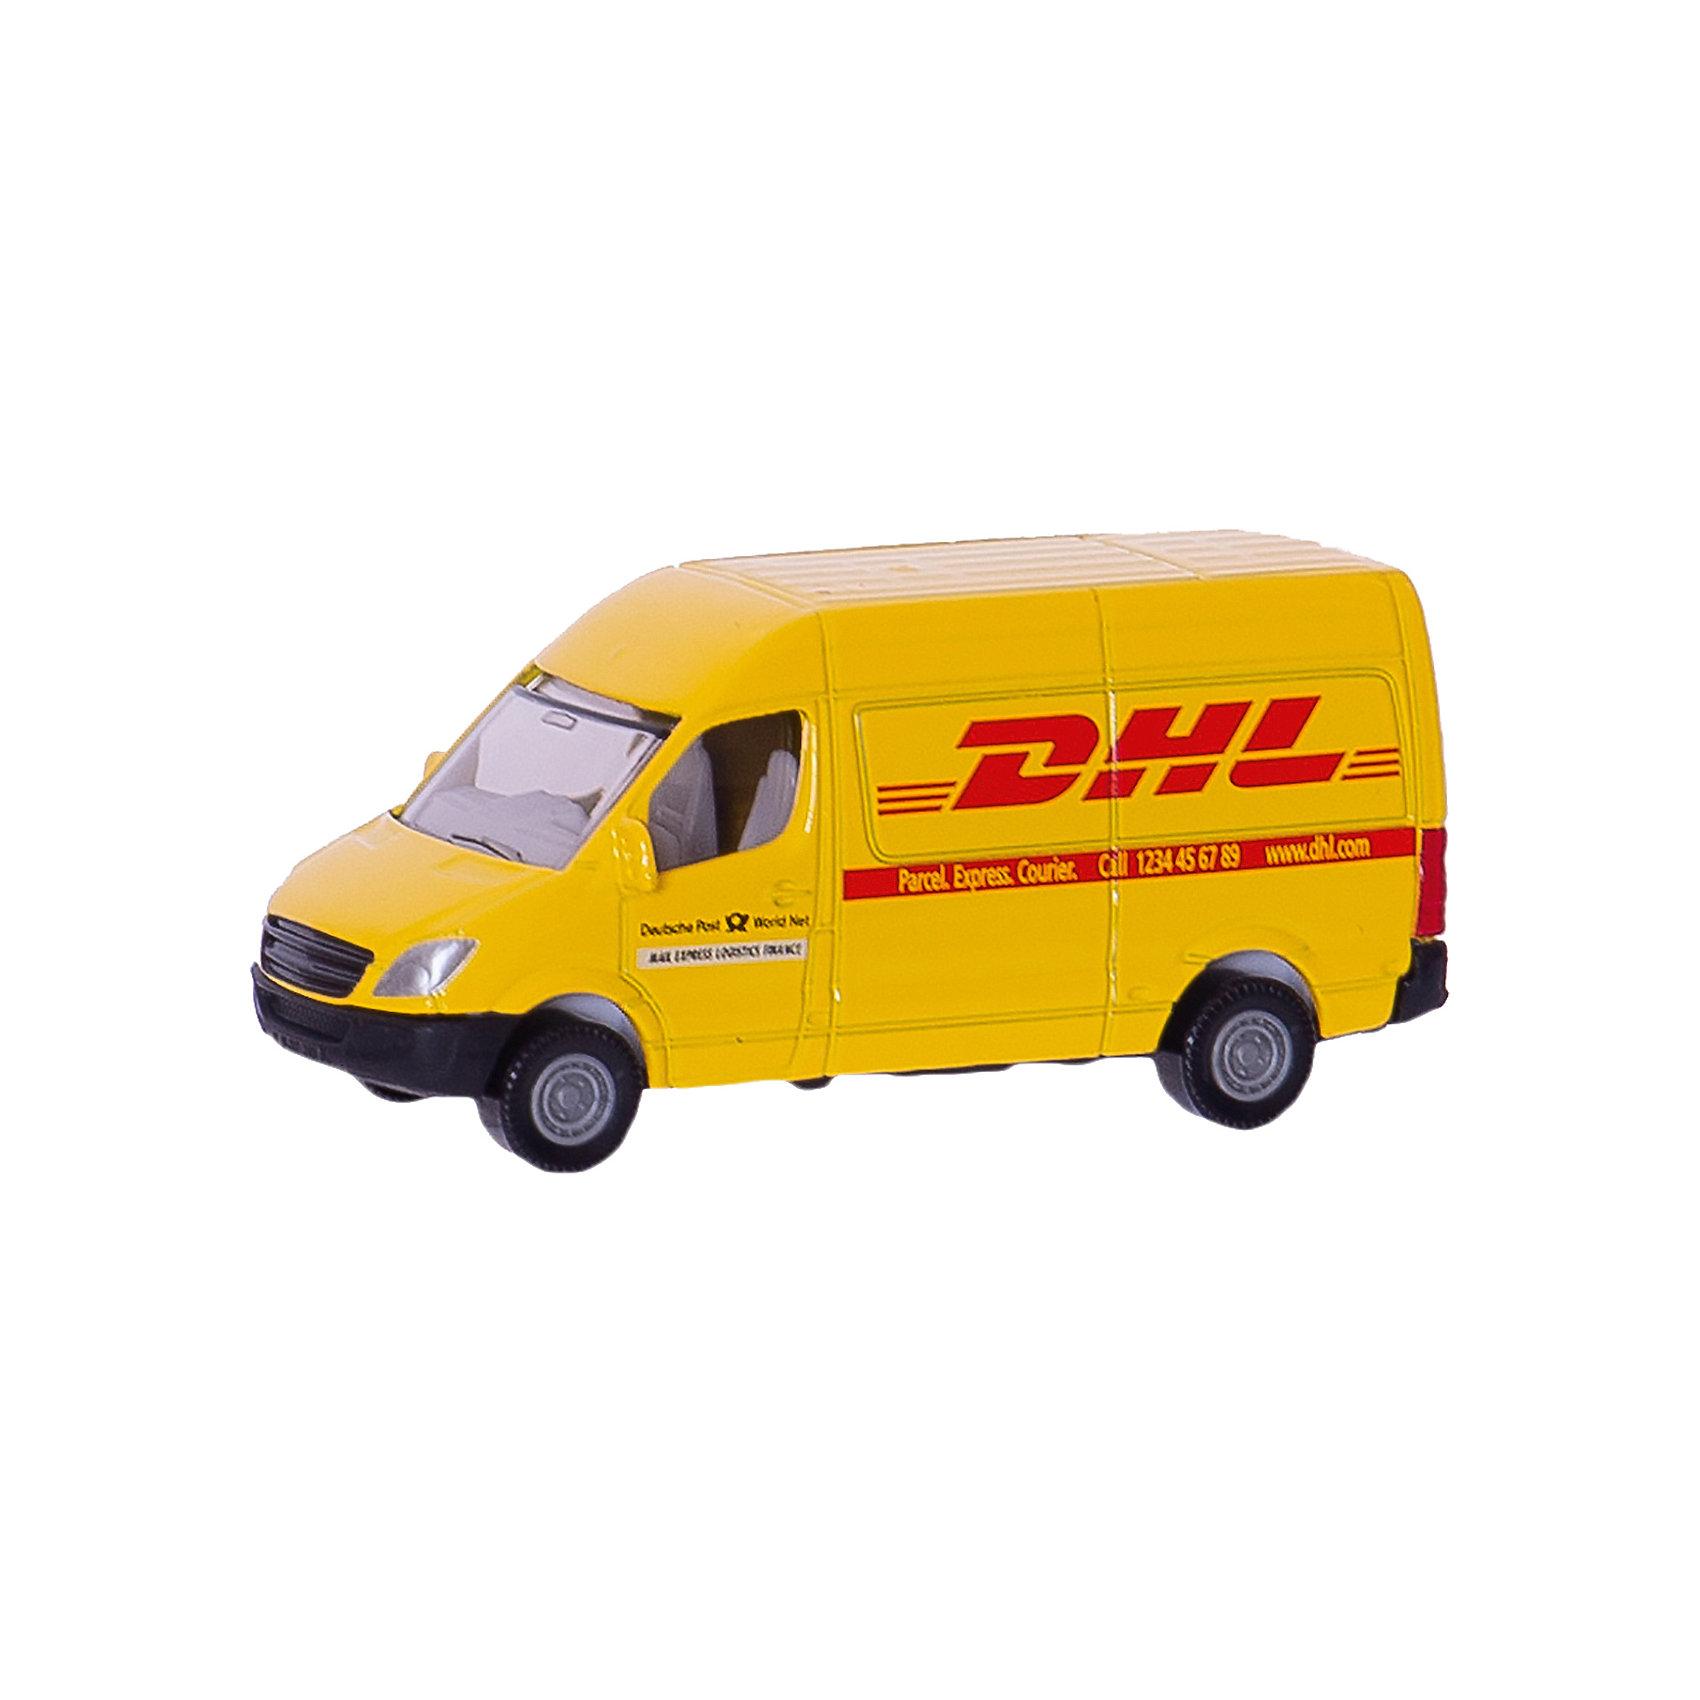 SIKU 1085 Почтовый фургонМашинки<br>SIKU (СИКУ) 1085 Почтовый фургон Модель фургона всемирно известной почтовой компании DHL. Автомобиль выполнен с максимальной точностью.<br><br>Корпус выполнен из металла и покрыт яркой желтой краской, лобовое и заднее стёкла из прозрачной тонированной пластмассы, колёса выполнены из пластика и вращаются, можно катать. Сзади имеется крепление для прицепа.<br><br>Дополнительная информация:<br>-Материал: пластик, резина, металл<br>-Размер игрушки: 8,2 x 3,3 x 3,4 см<br>-Масштаб  1:50<br><br>Подарок будет приятно получить как ребенку, так и взрослому, если получатель является сотрудником данной компании. <br><br>SIKU (СИКУ) 1085 Почтовый фургон можно купить в нашем магазине.<br><br>Ширина мм: 97<br>Глубина мм: 78<br>Высота мм: 30<br>Вес г: 53<br>Возраст от месяцев: 36<br>Возраст до месяцев: 96<br>Пол: Мужской<br>Возраст: Детский<br>SKU: 1503782